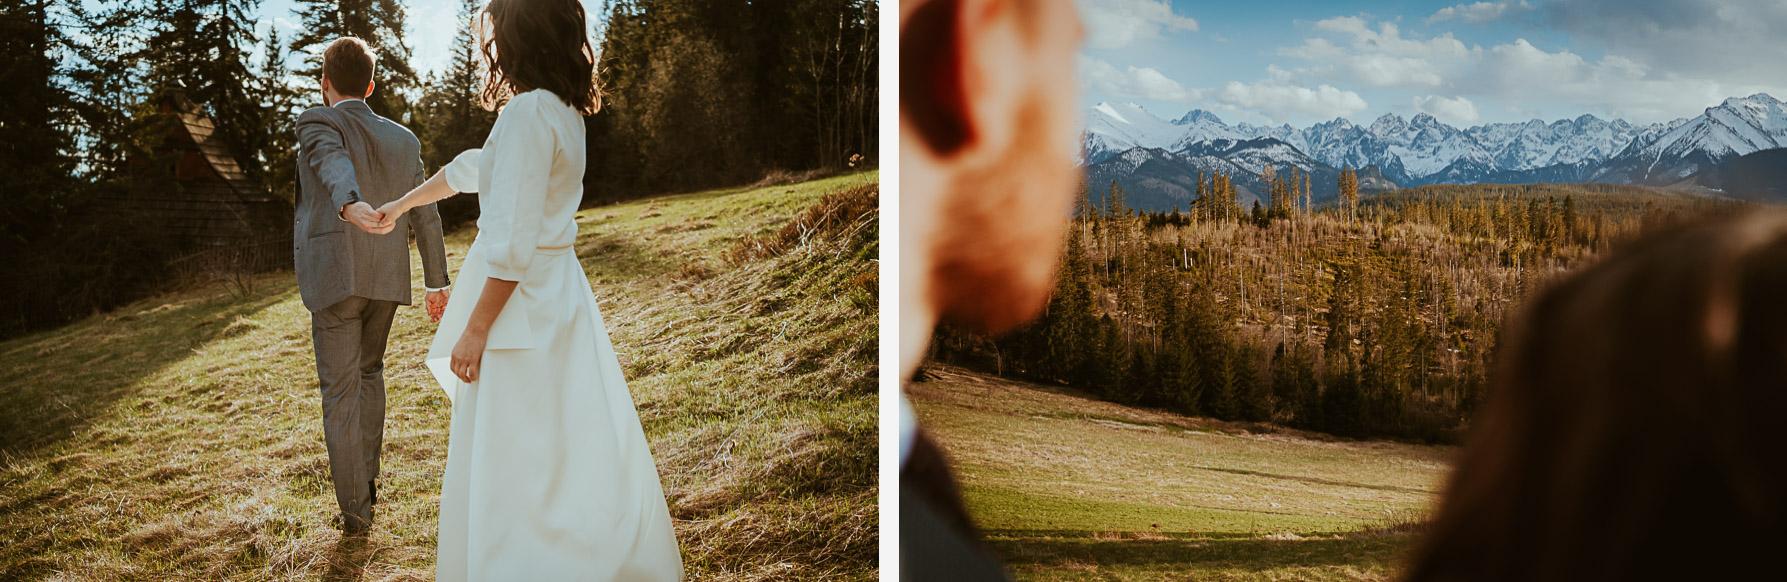 sesja ślubna w górach na glodówce 42 7